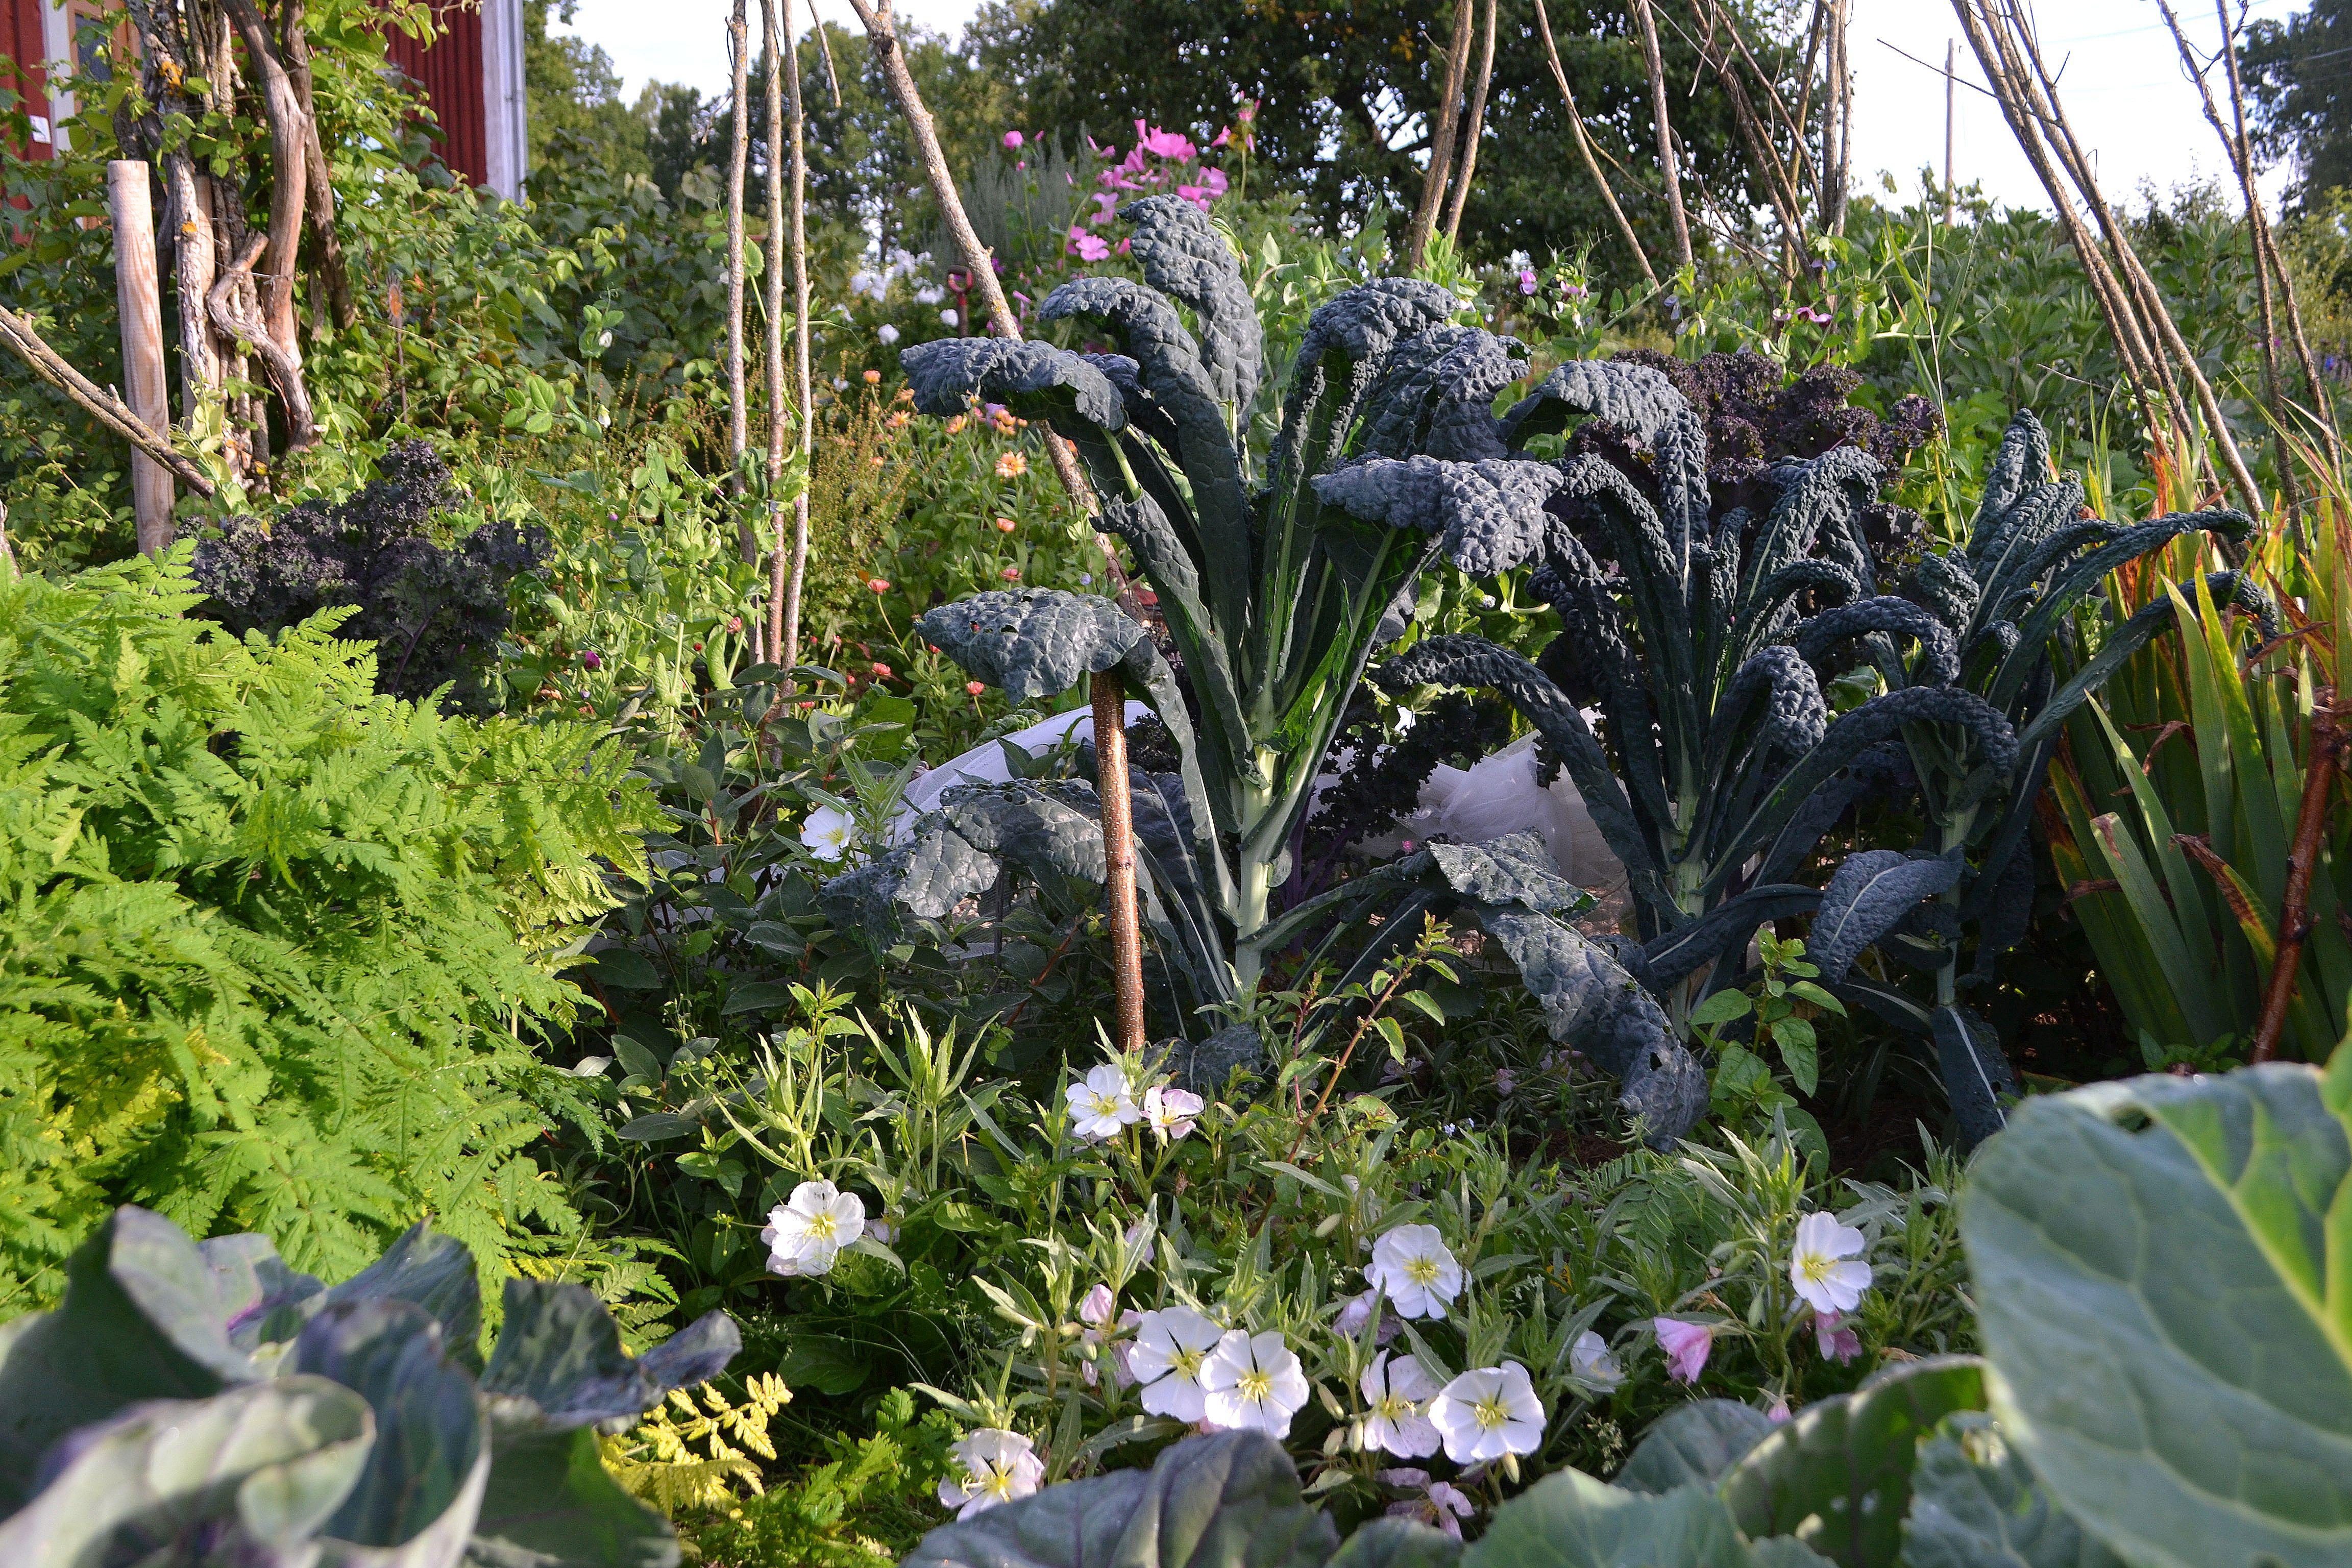 En köksträdgård med många blandade växter, bland annat en hög svartkål. Gardening tips. Kitchen garden with a mix of vegetables, like black kale.